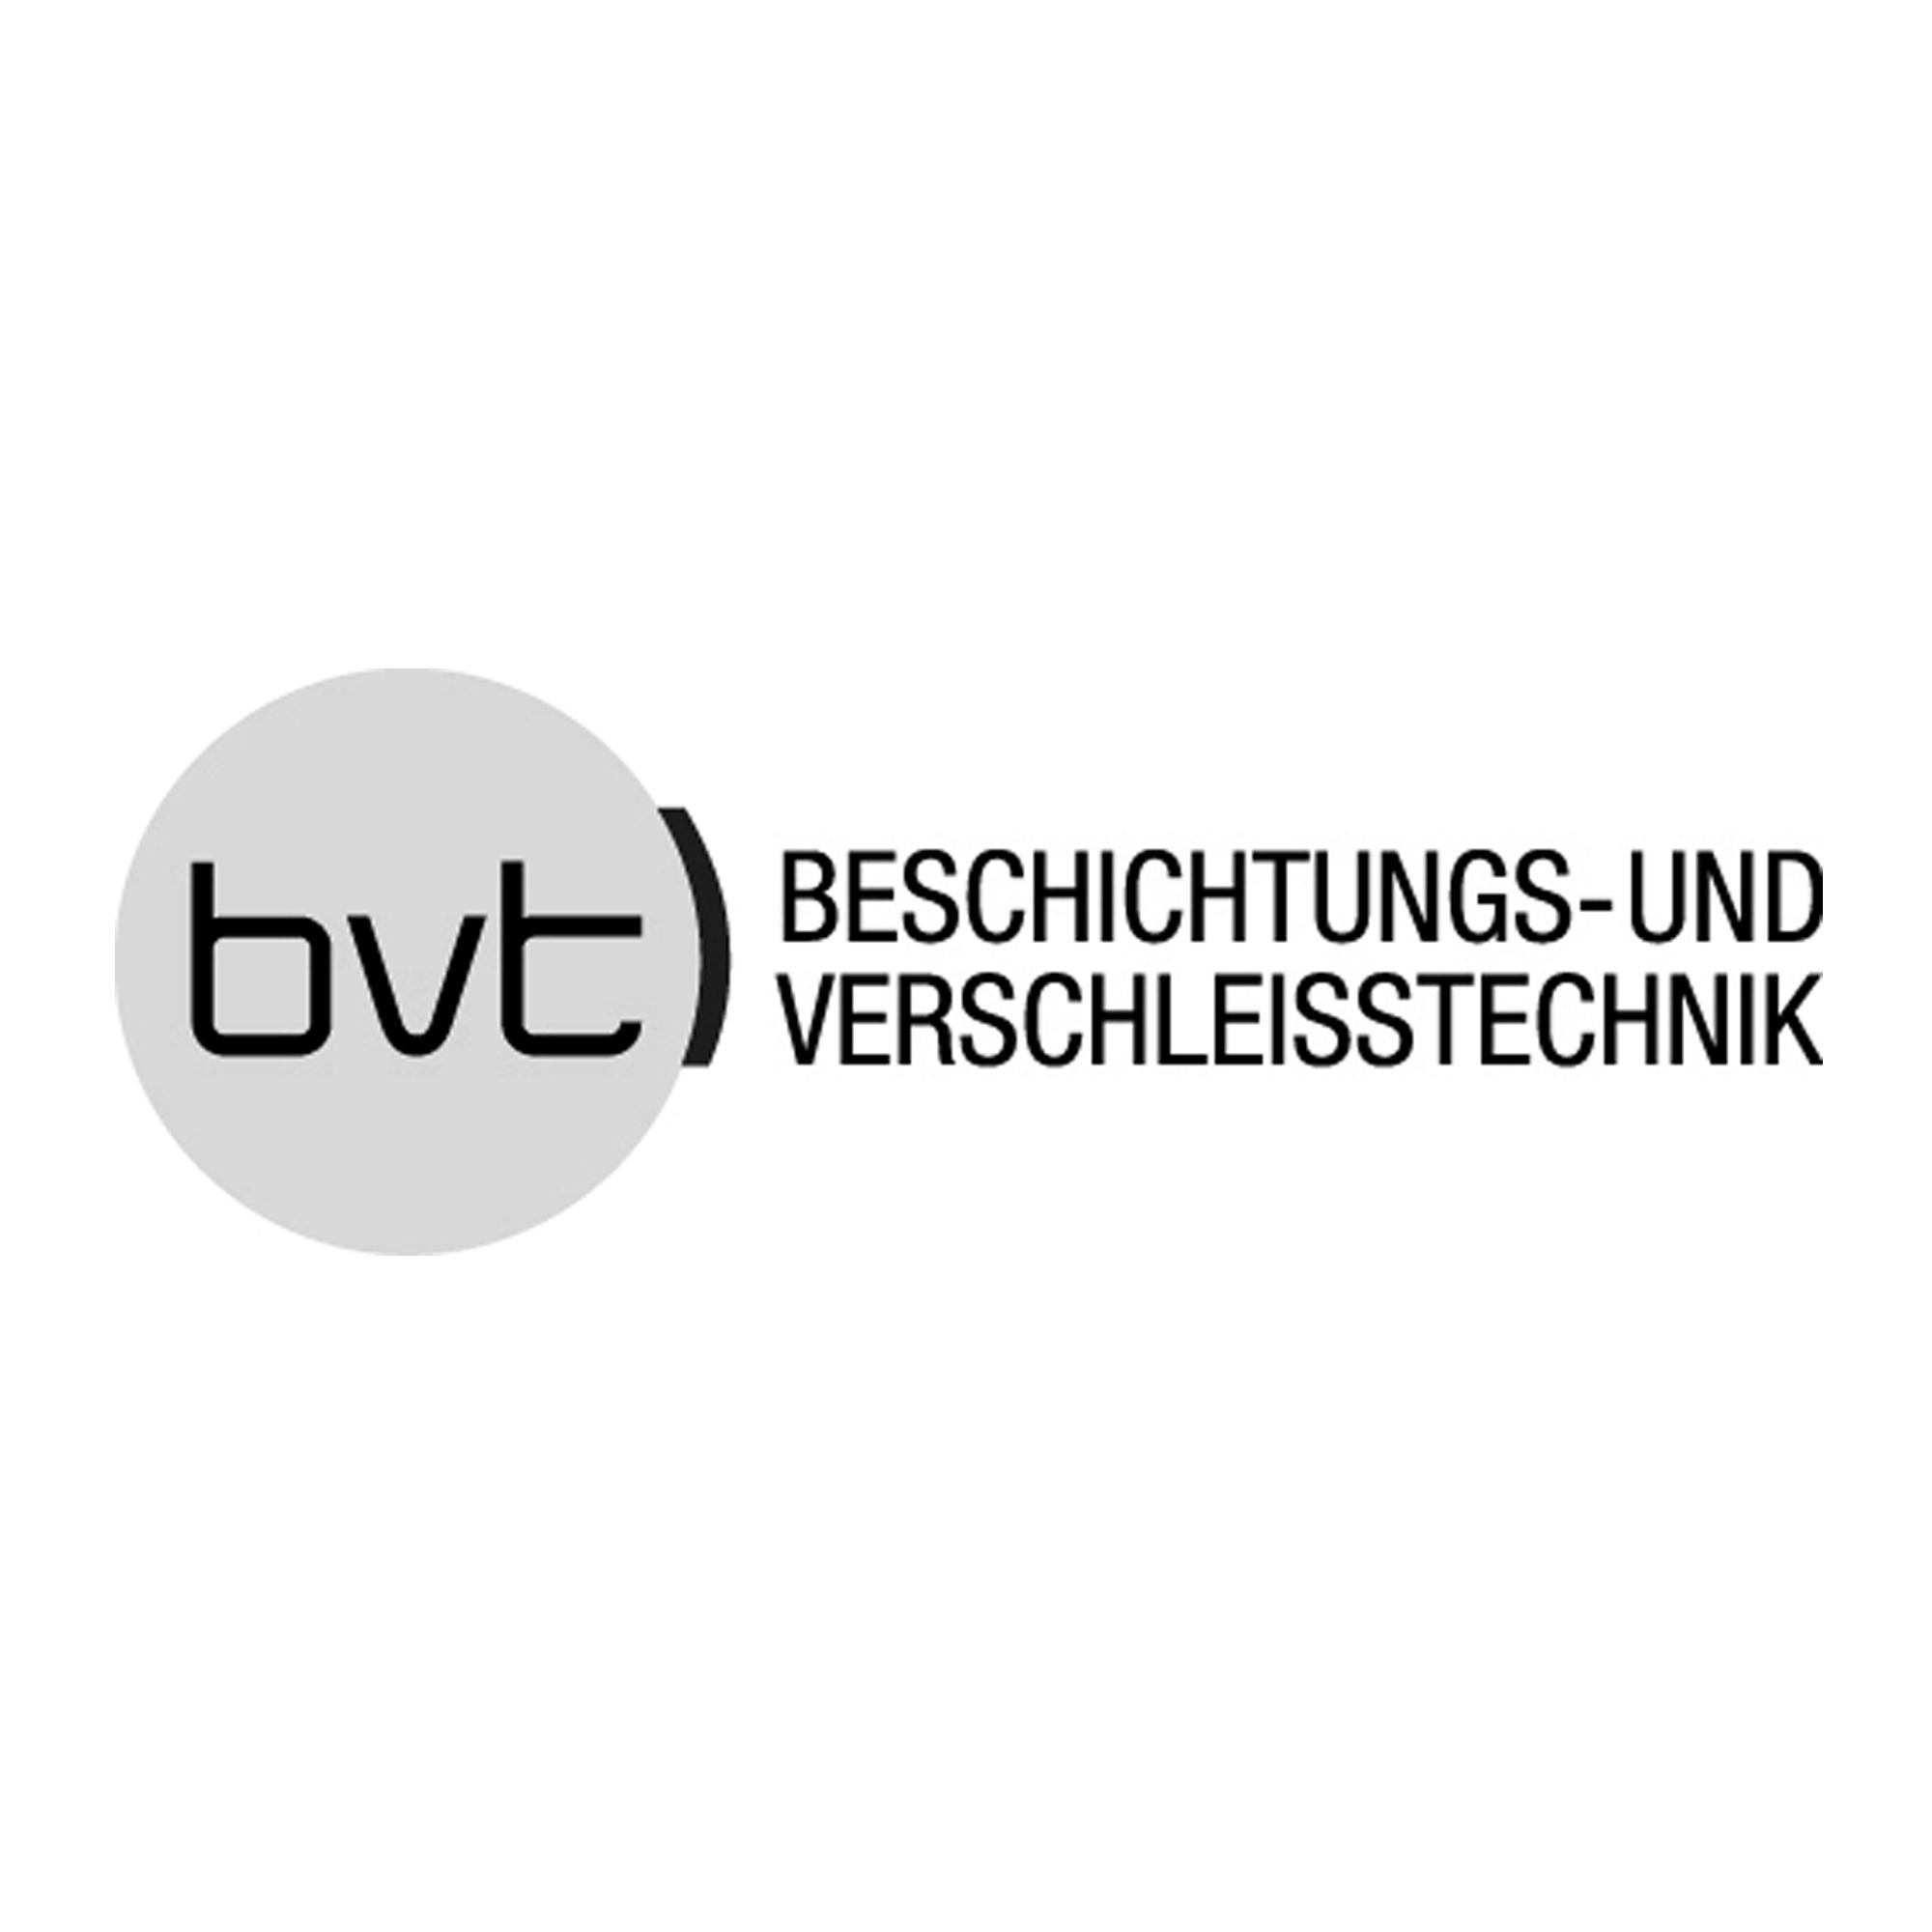 www.bvt.at